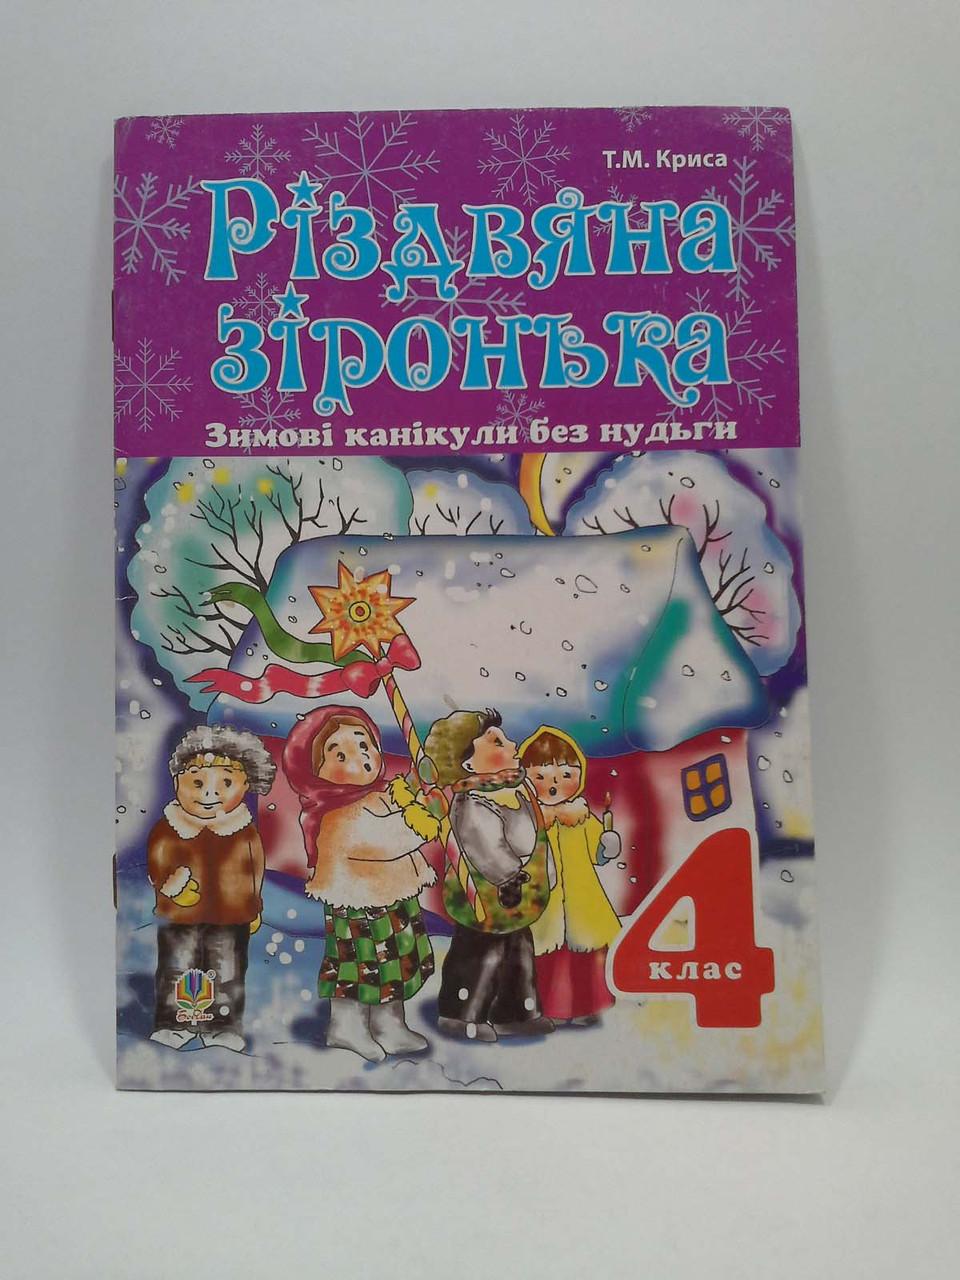 Богдан Зимові канікули без нудьги 4 клас Різдвяна зіронька Кріса